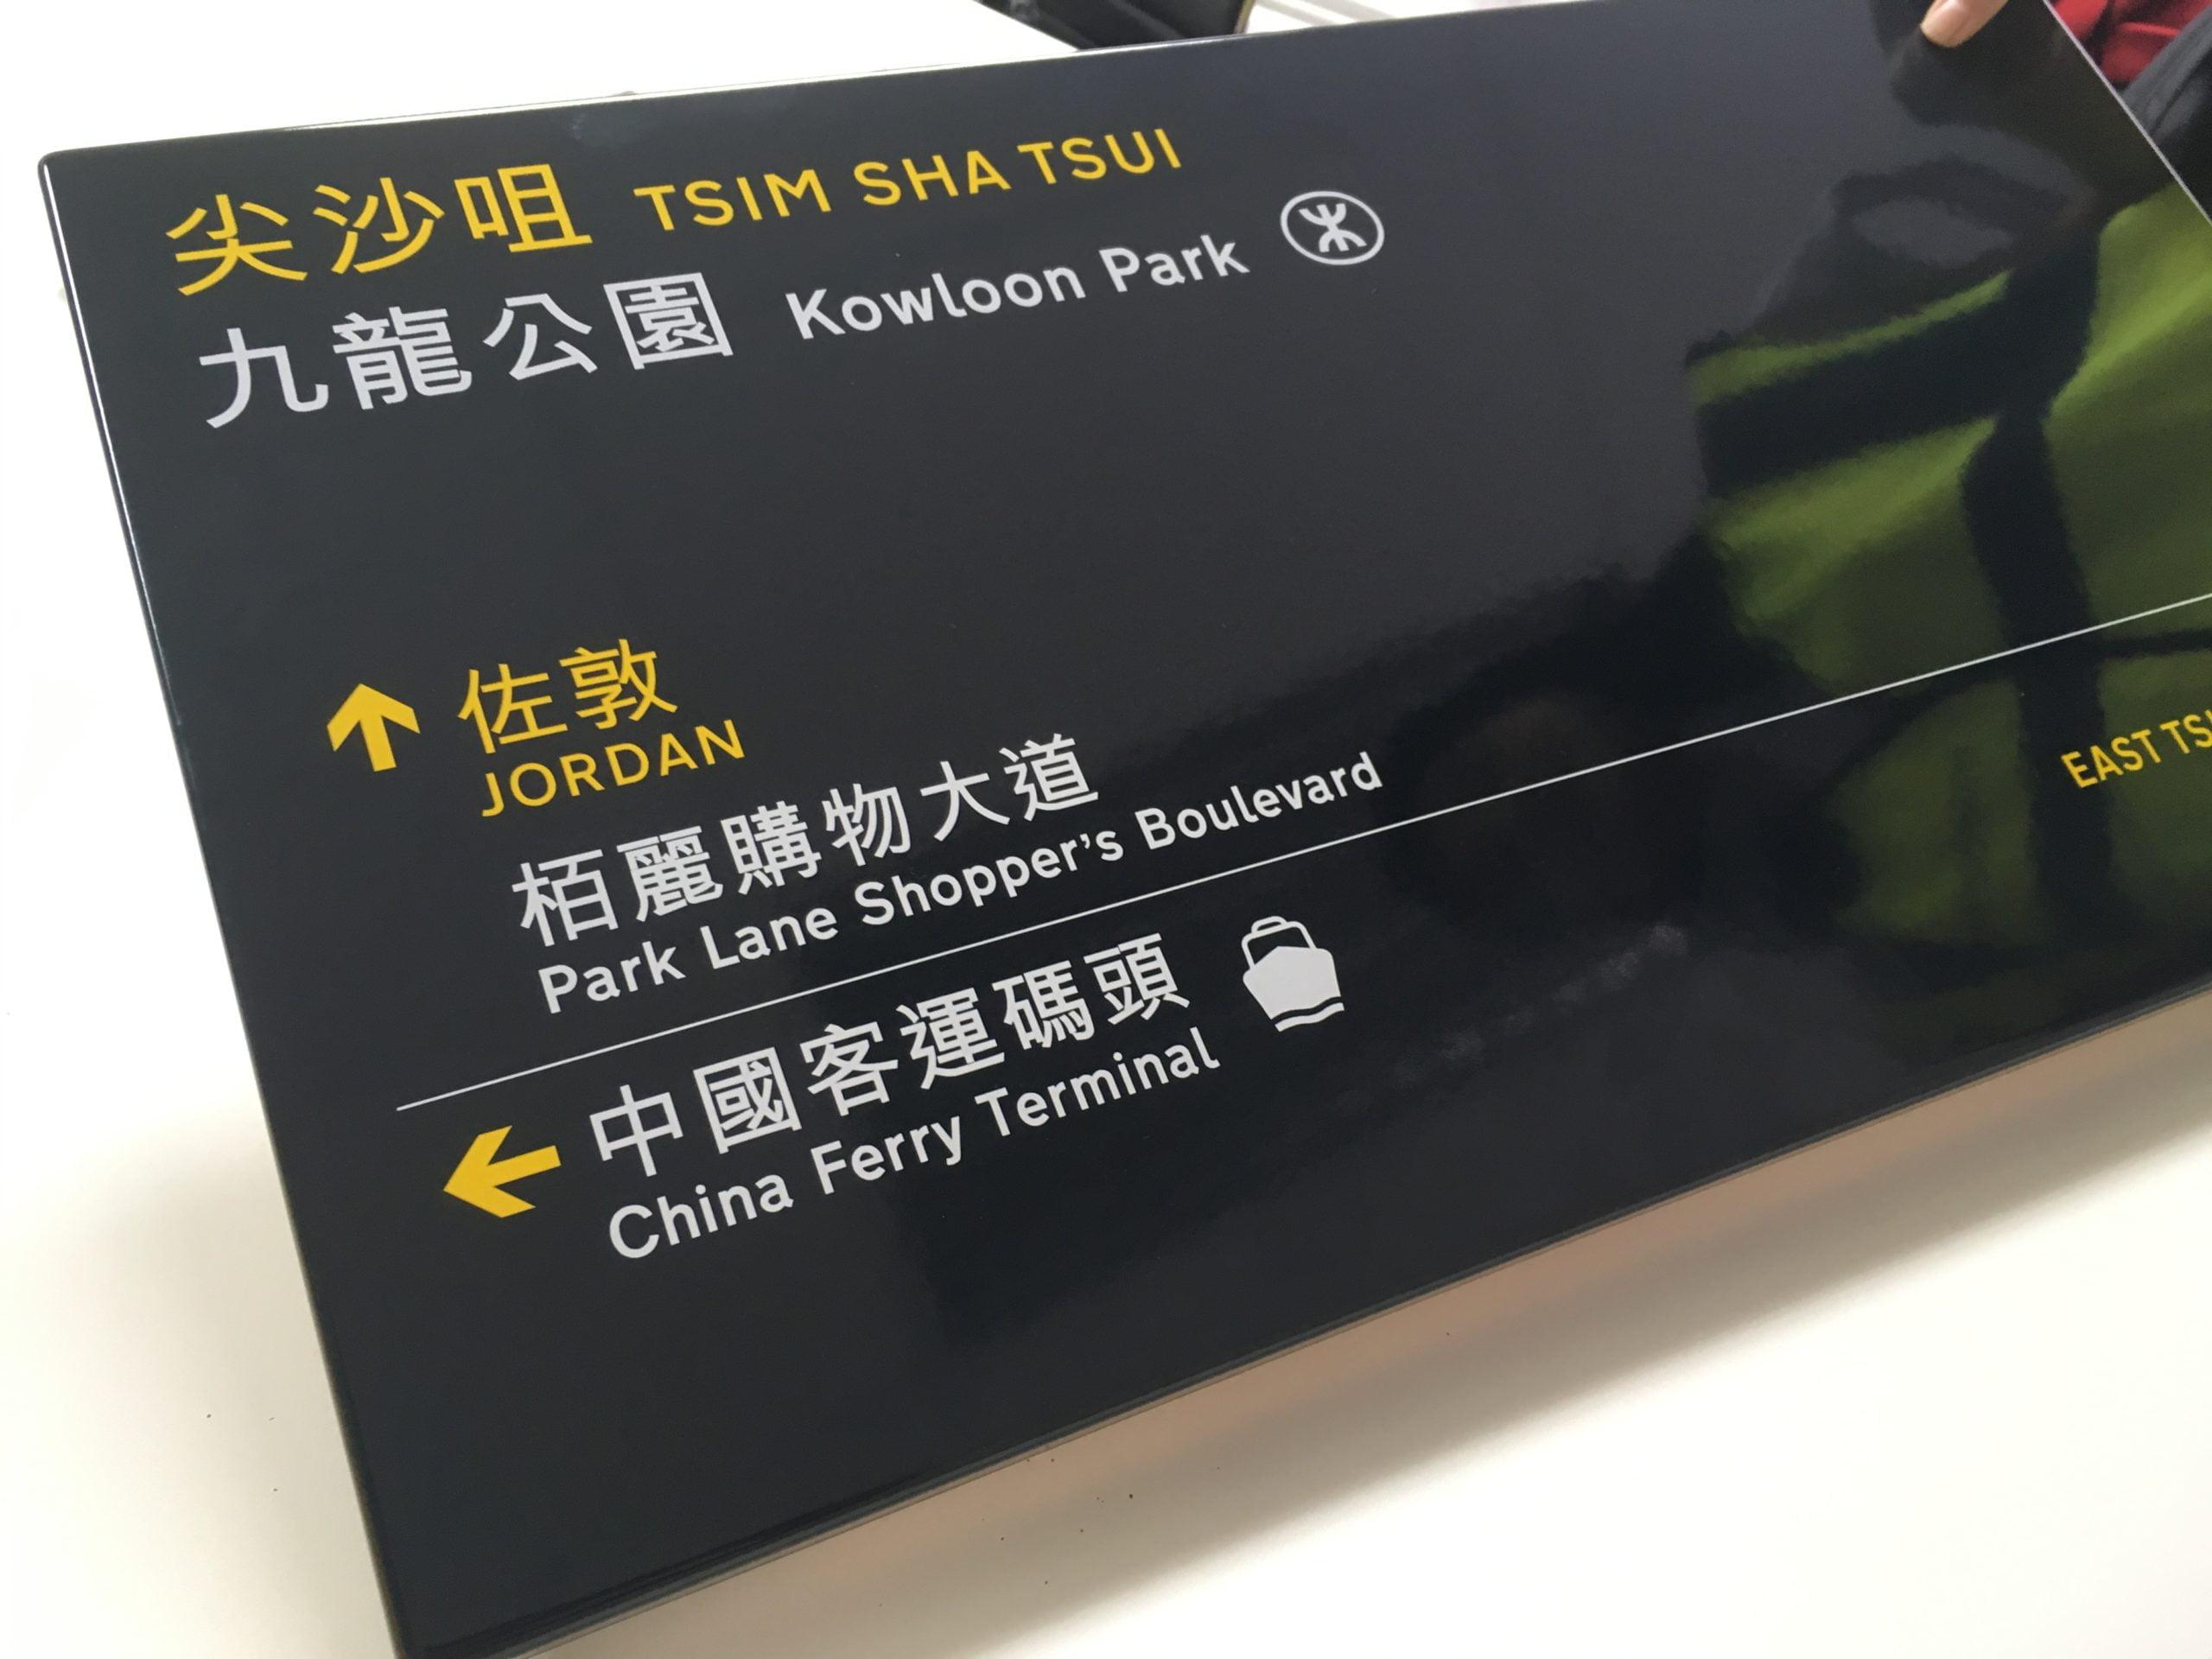 Hong Kong multilingual directional signage